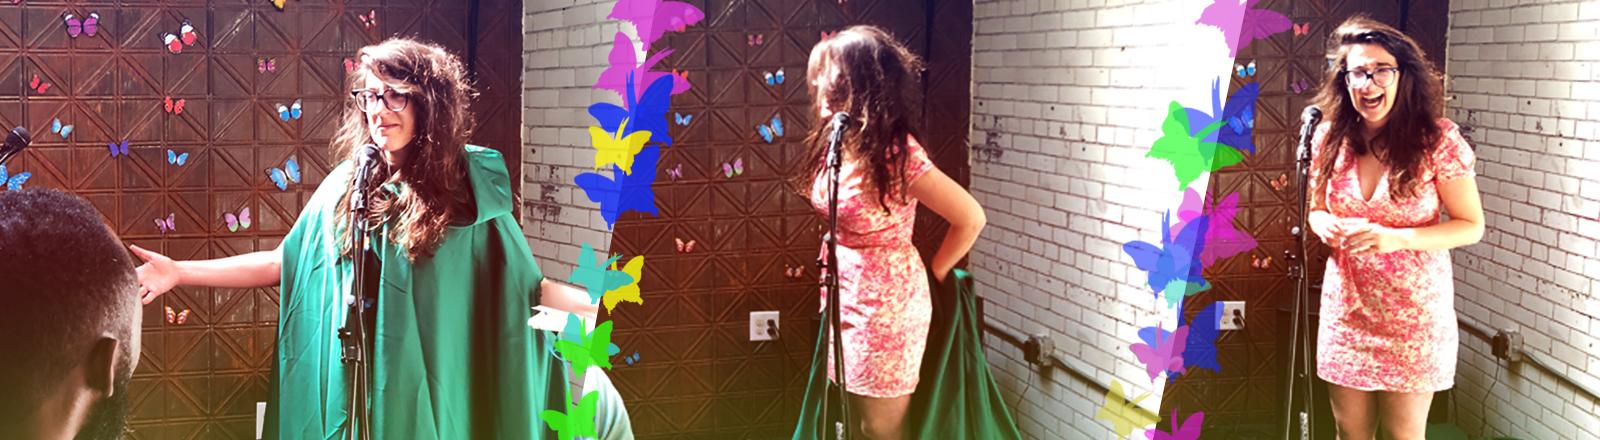 """Auf ihrer Mottoparty """"Schmetterlingsparty"""" wirft Danielle ihren Umhang ab."""